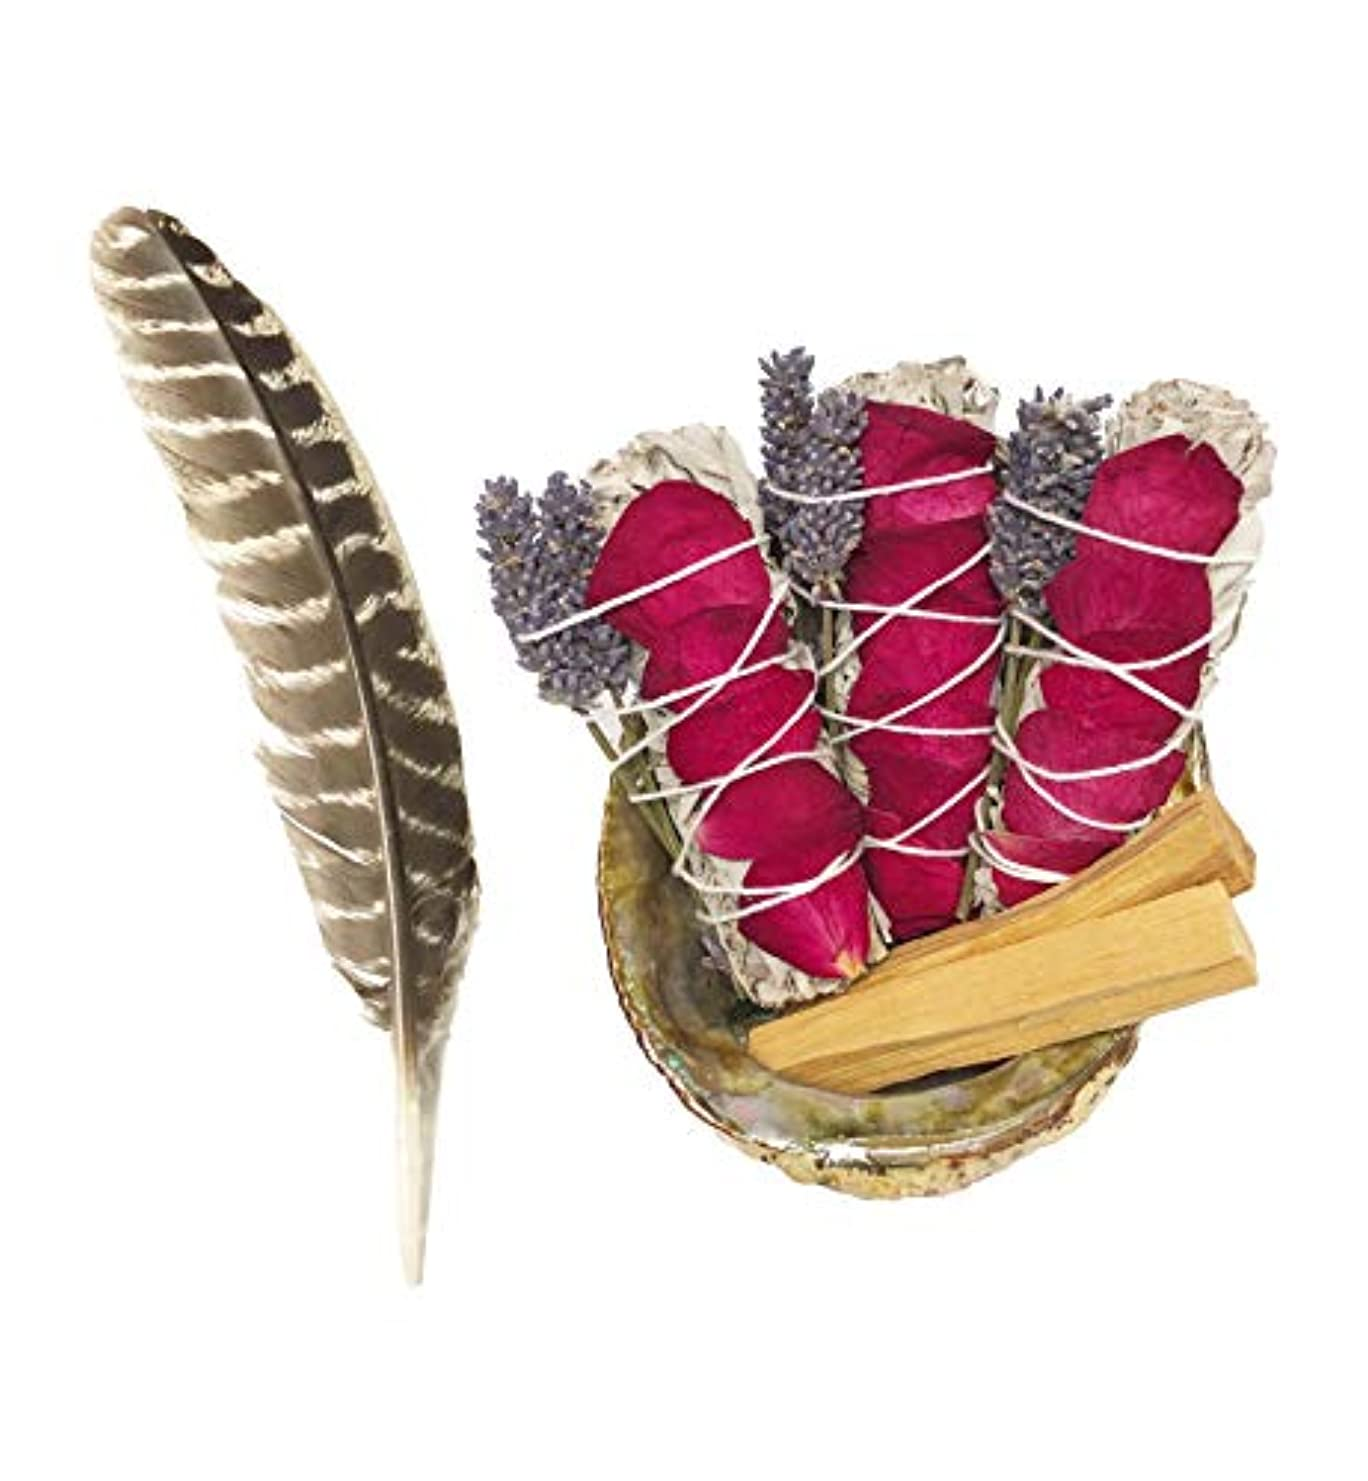 会話型暗殺者女王ホワイトセージスマッジキット – ホワイトセージ6本、パロサント2本、フェザー、キャンドル2本、手作りフクロウバスケット (大型1個とミニ2個) 癒し、浄化、瞑想、香り、浄化。